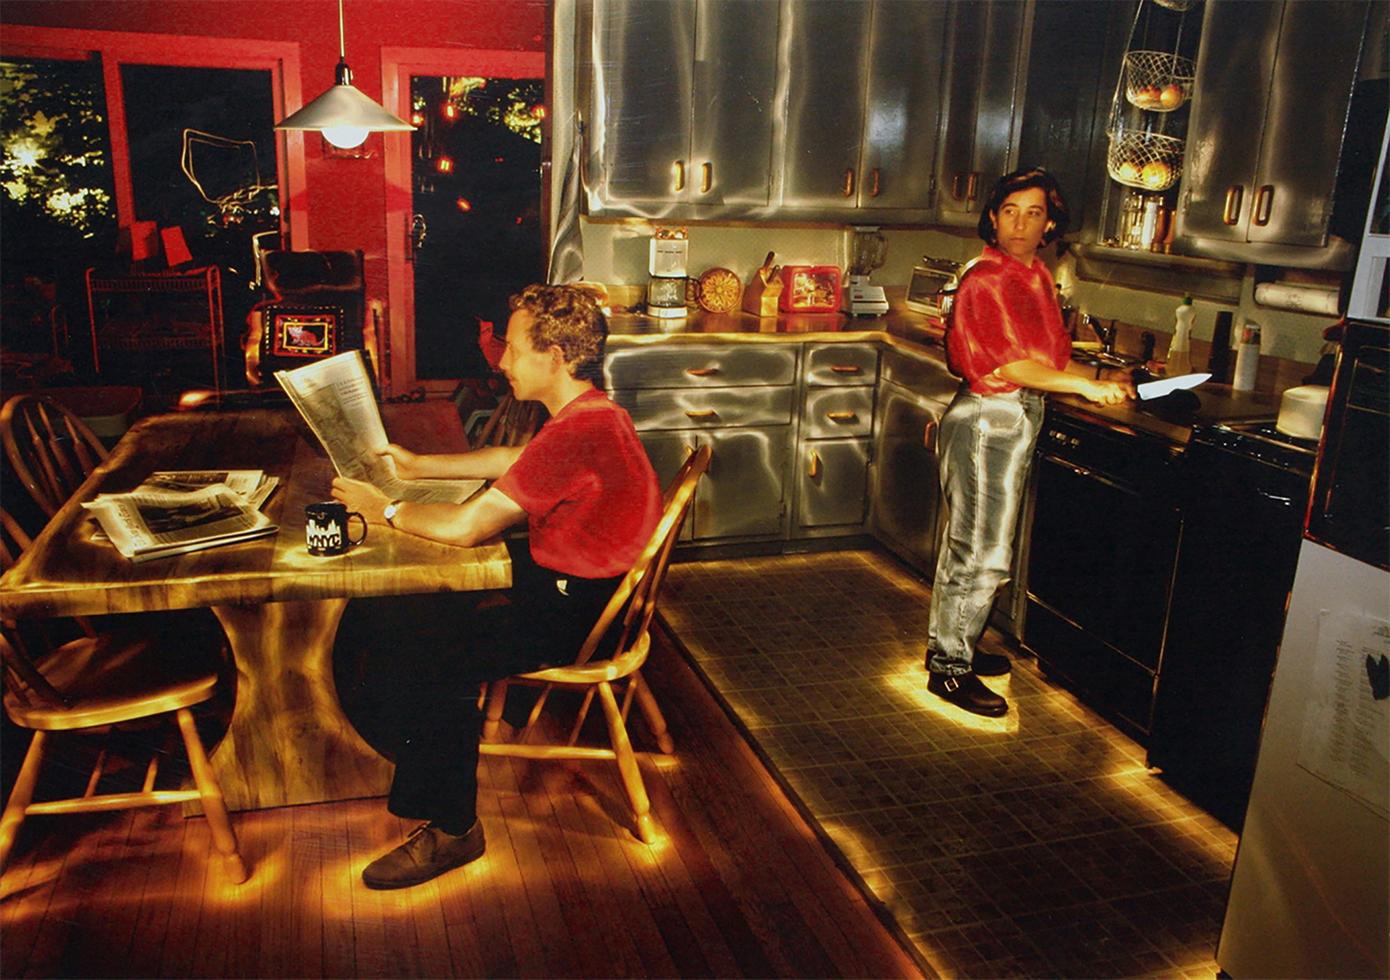 Paul Weiner_USA_Artist Portraits_03.jpg